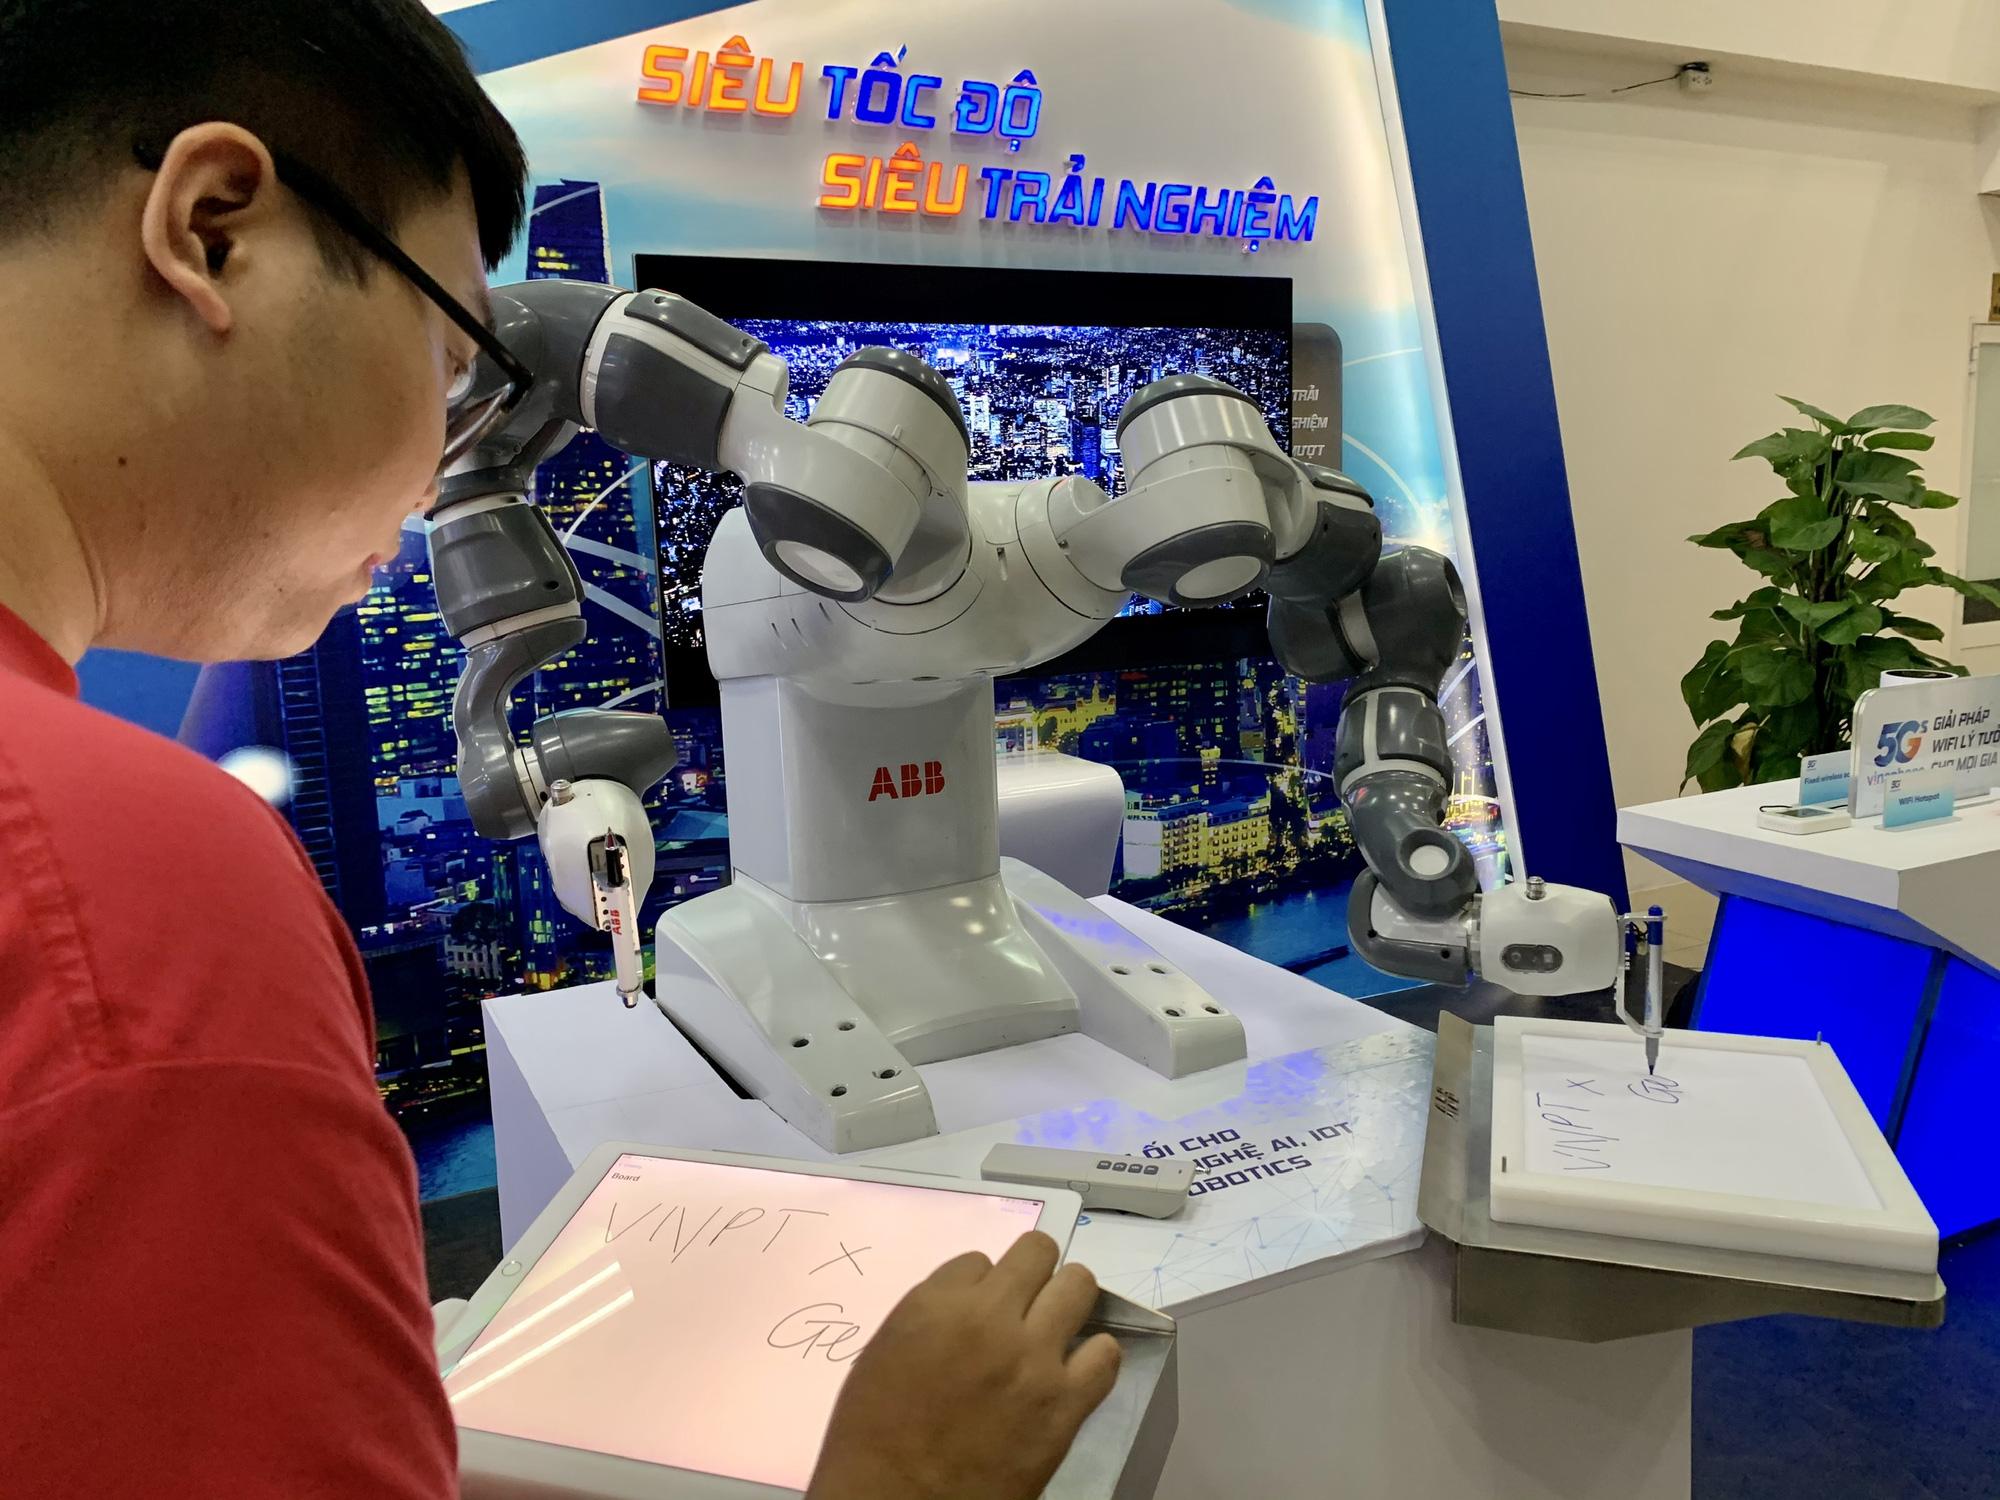 VNPT chính thức công bố vùng phủ sóng VinaPhone 5G tại Hà Nội và TP. Hồ Chí Minh - Ảnh 4.